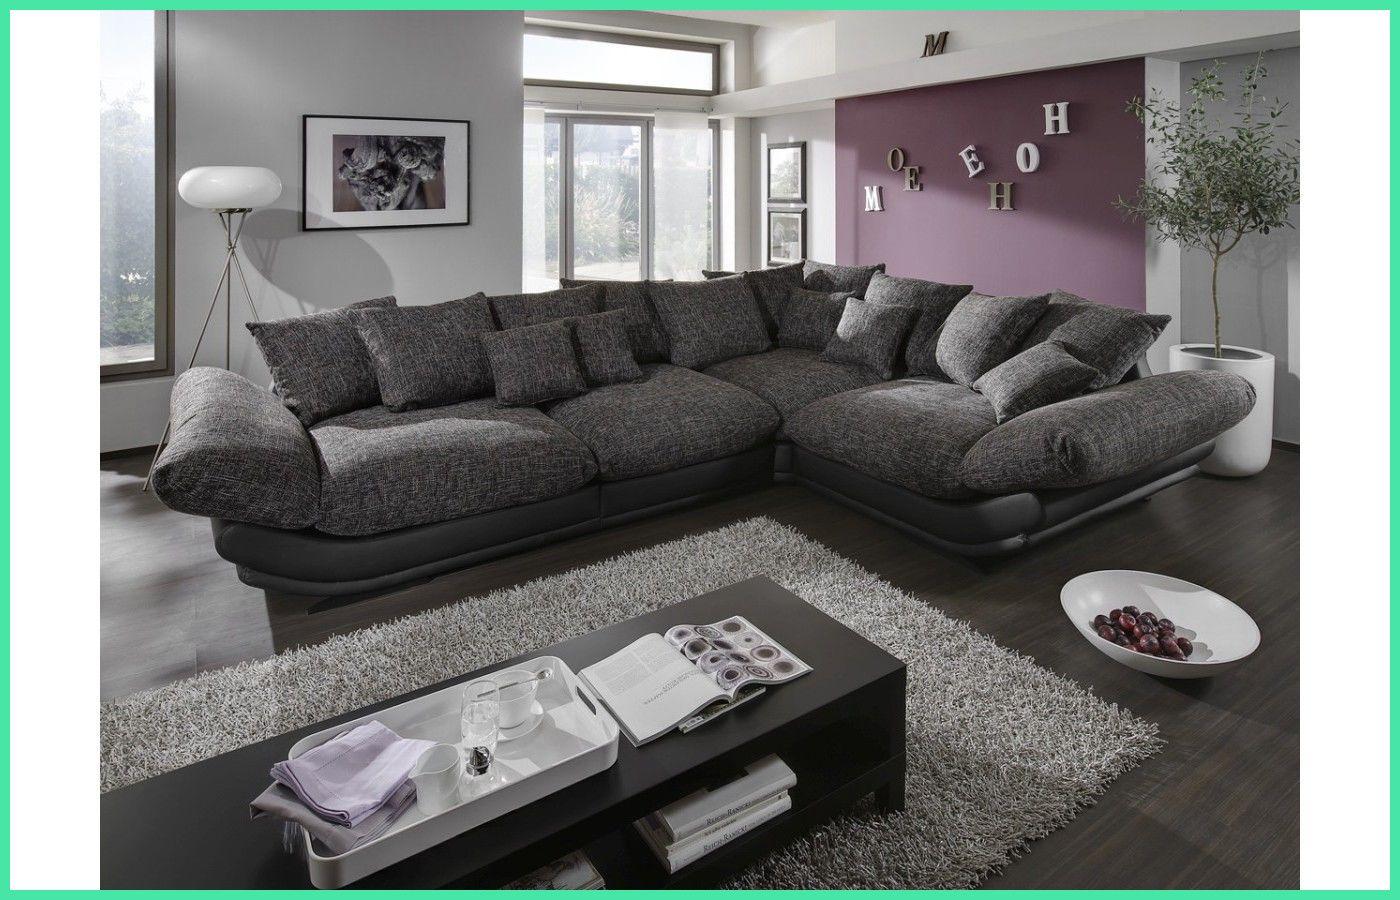 Schon Sofa Ecksofa Luxus Skandinavische Sofas Ideen Eckcouch